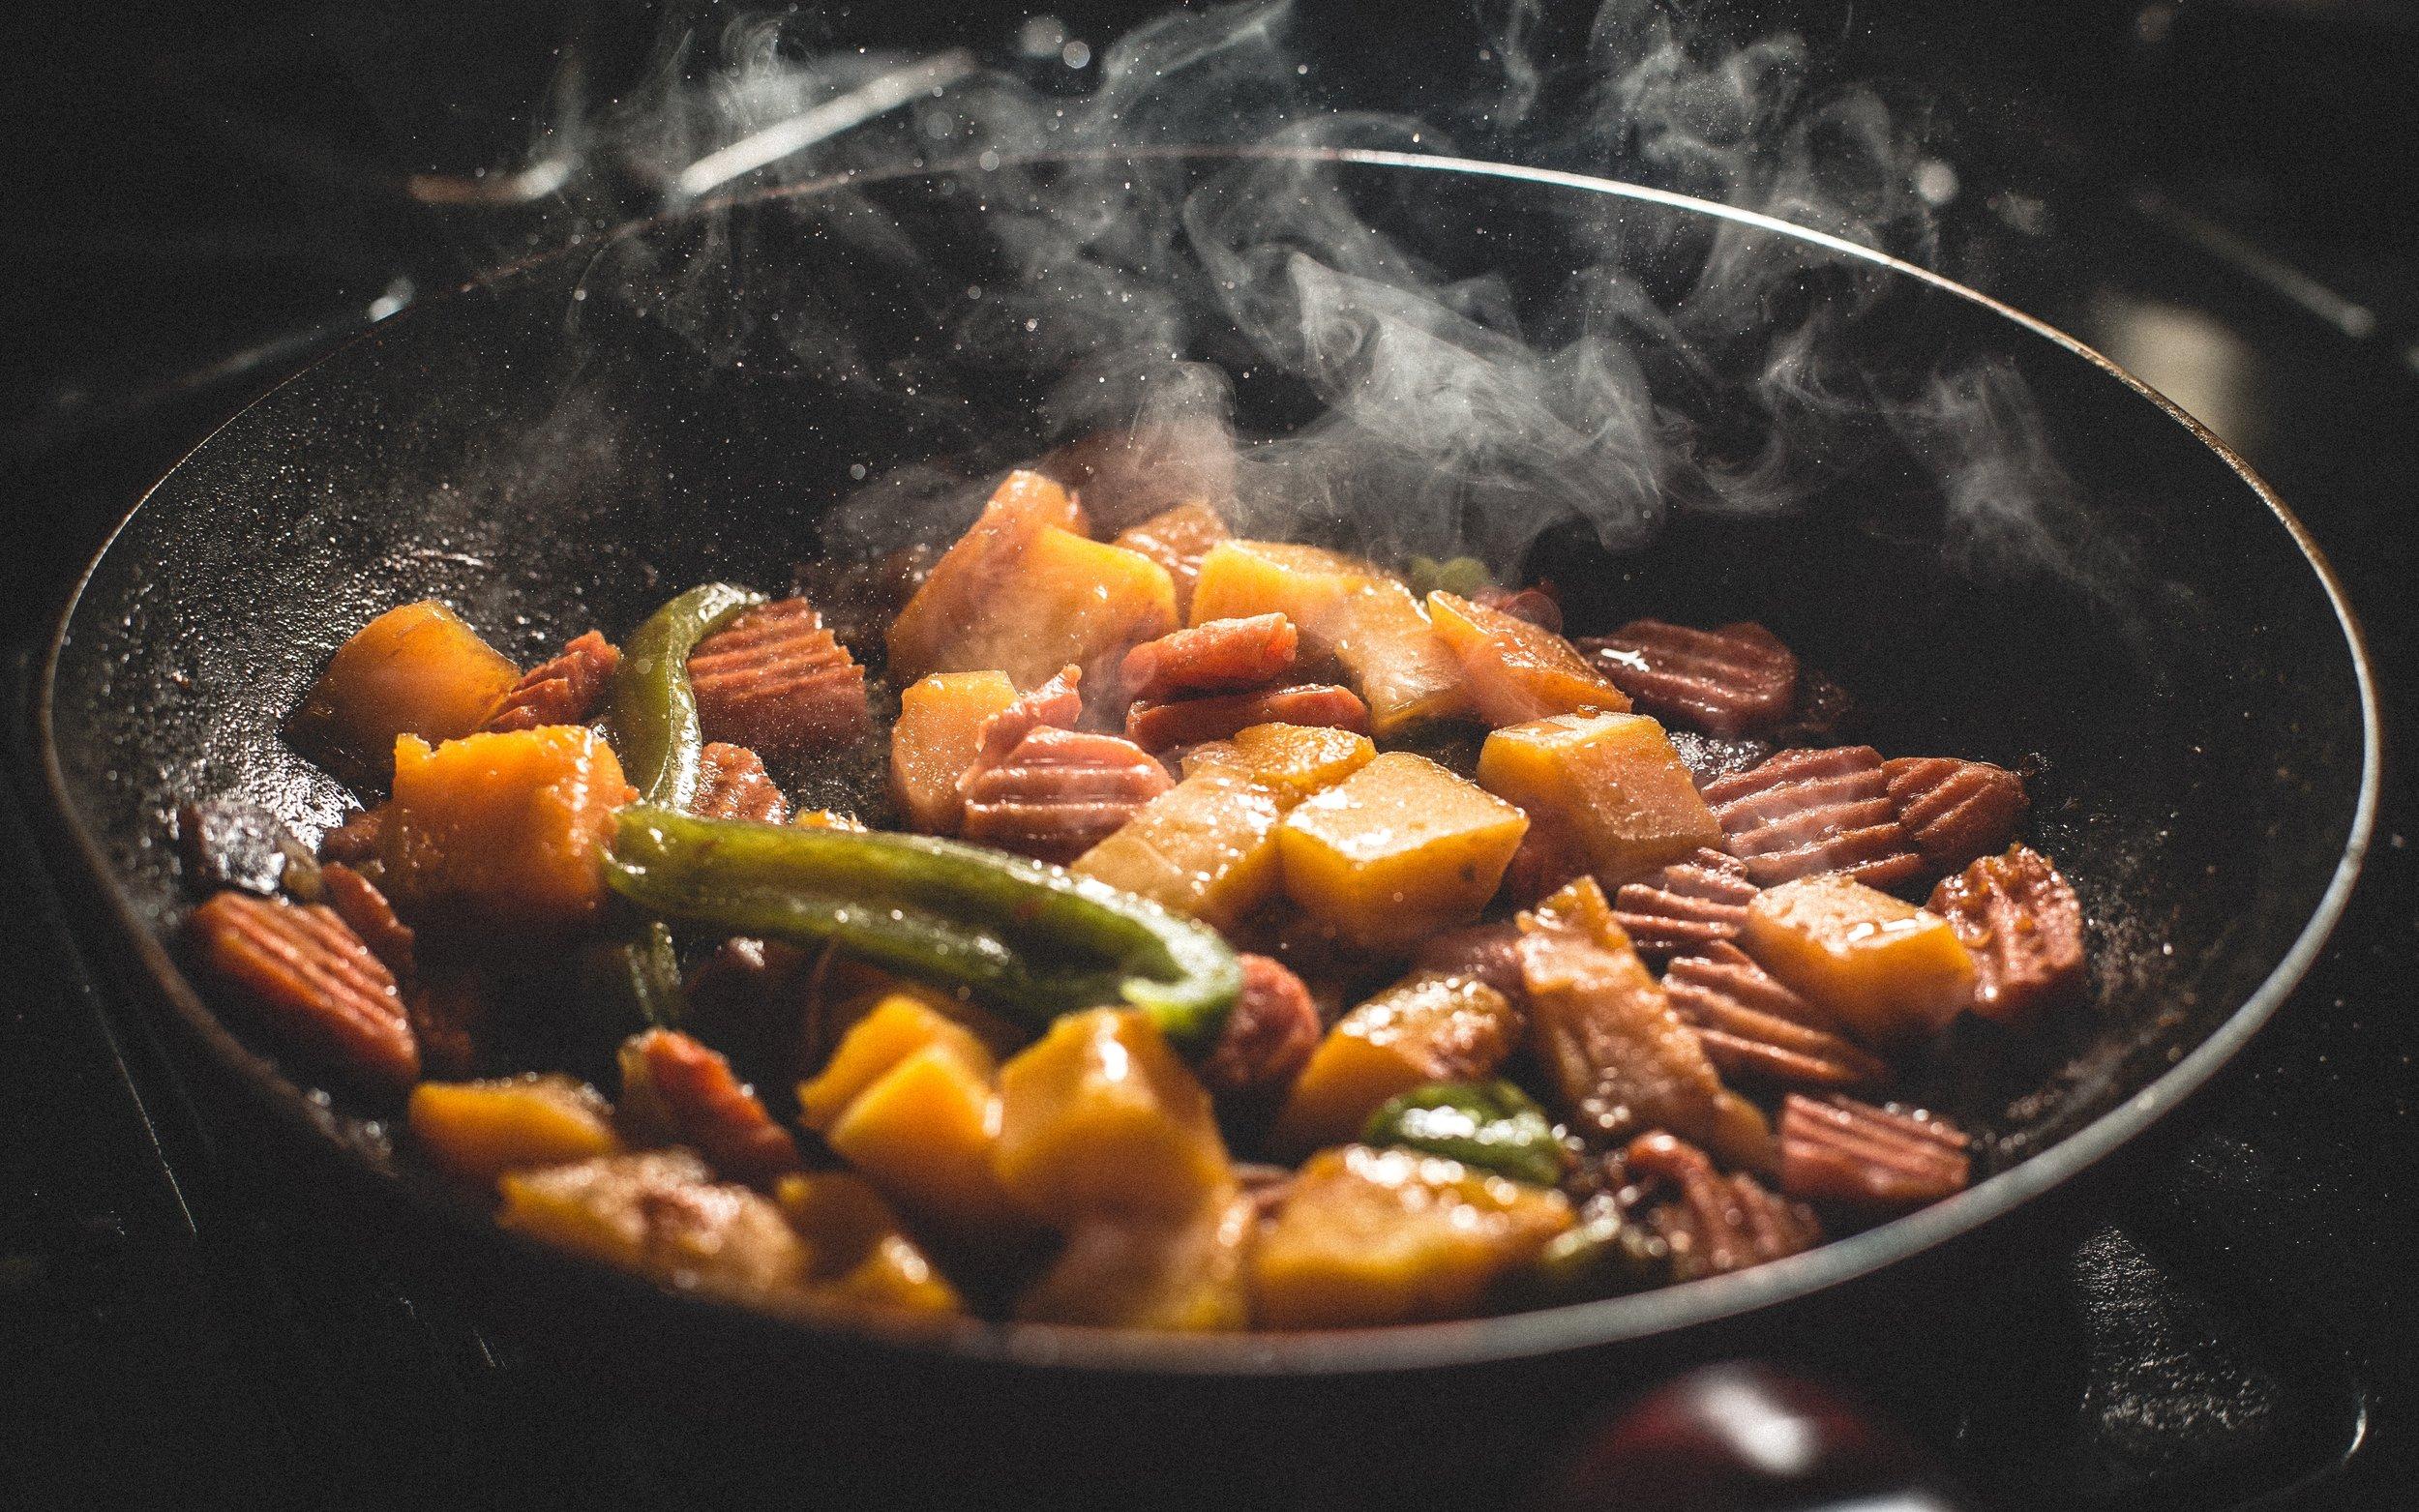 cooking-dinner-food-76093 (1).jpg